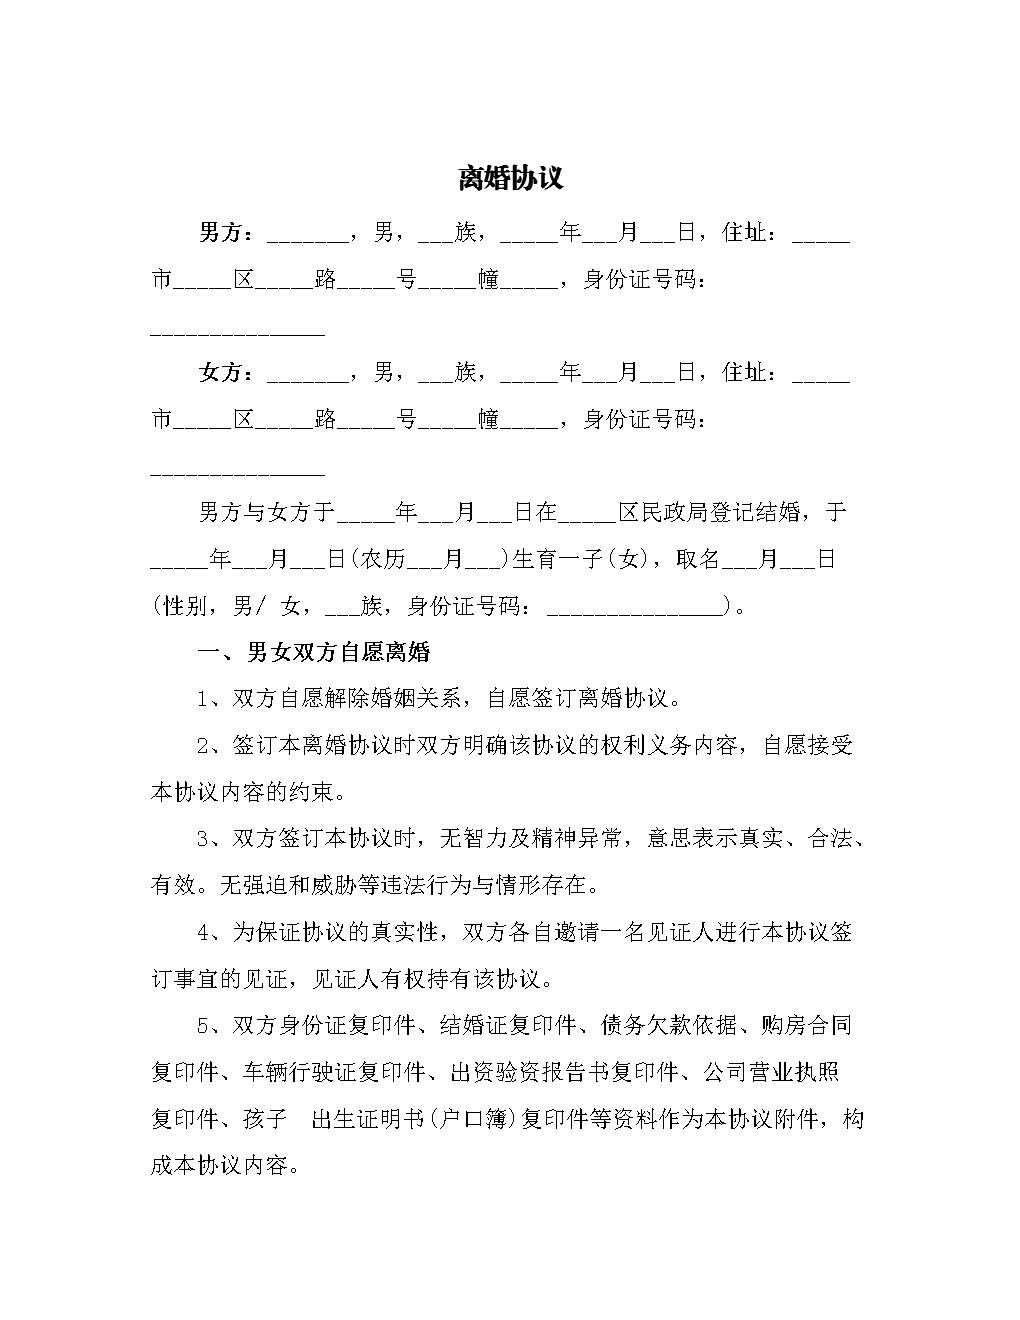 2018年离婚协议书范本-模板.doc图片